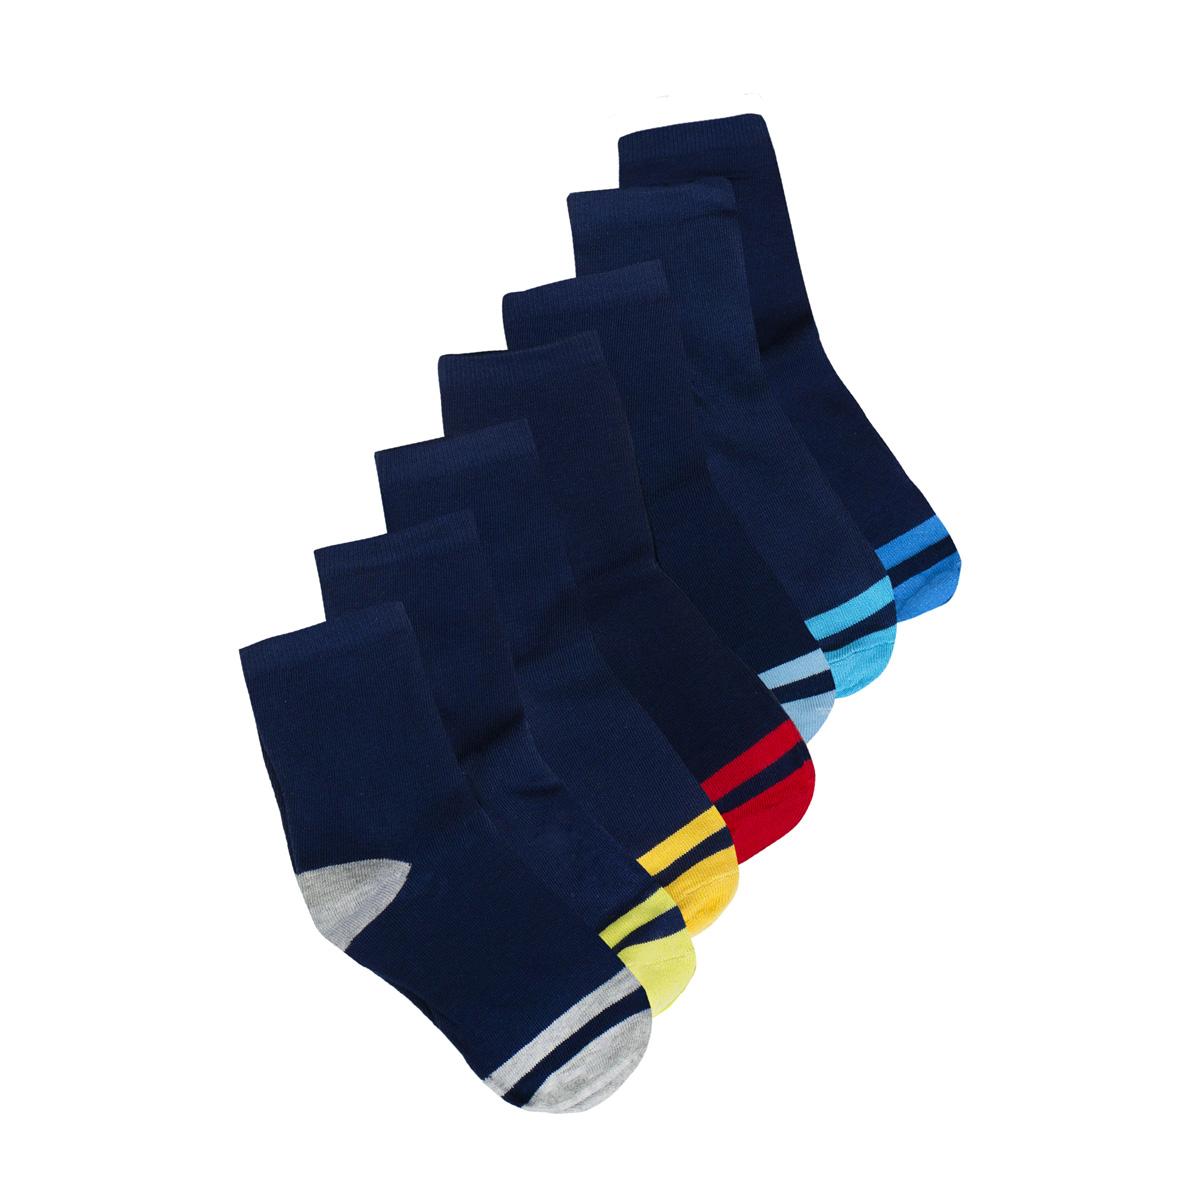 Fantovske nogavice, temno modra